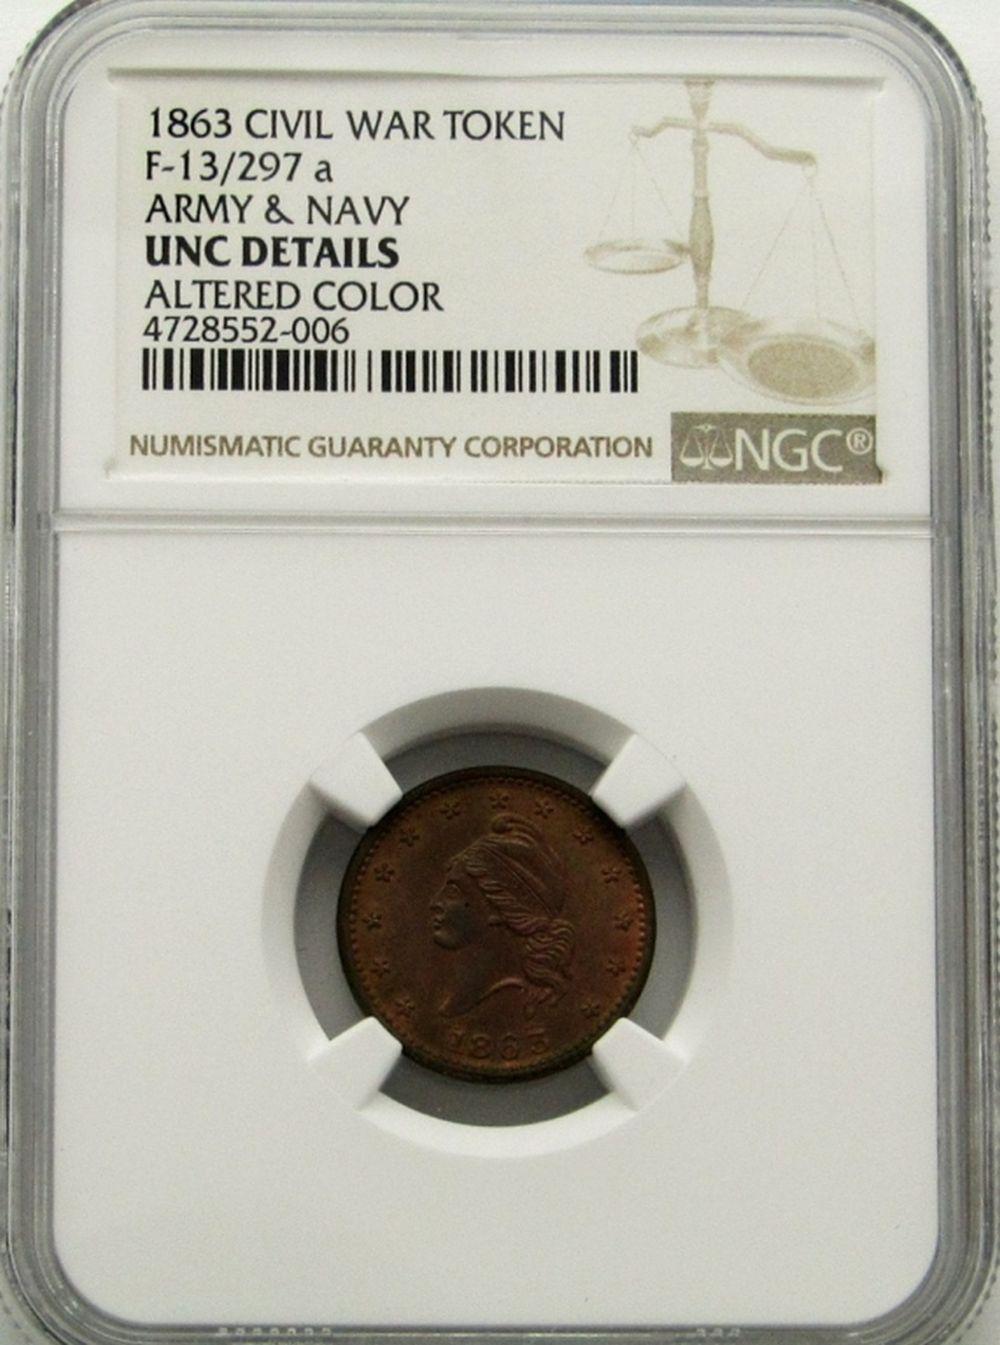 1863 CIVIL WAR TOKEN NGC UNC DETAILS